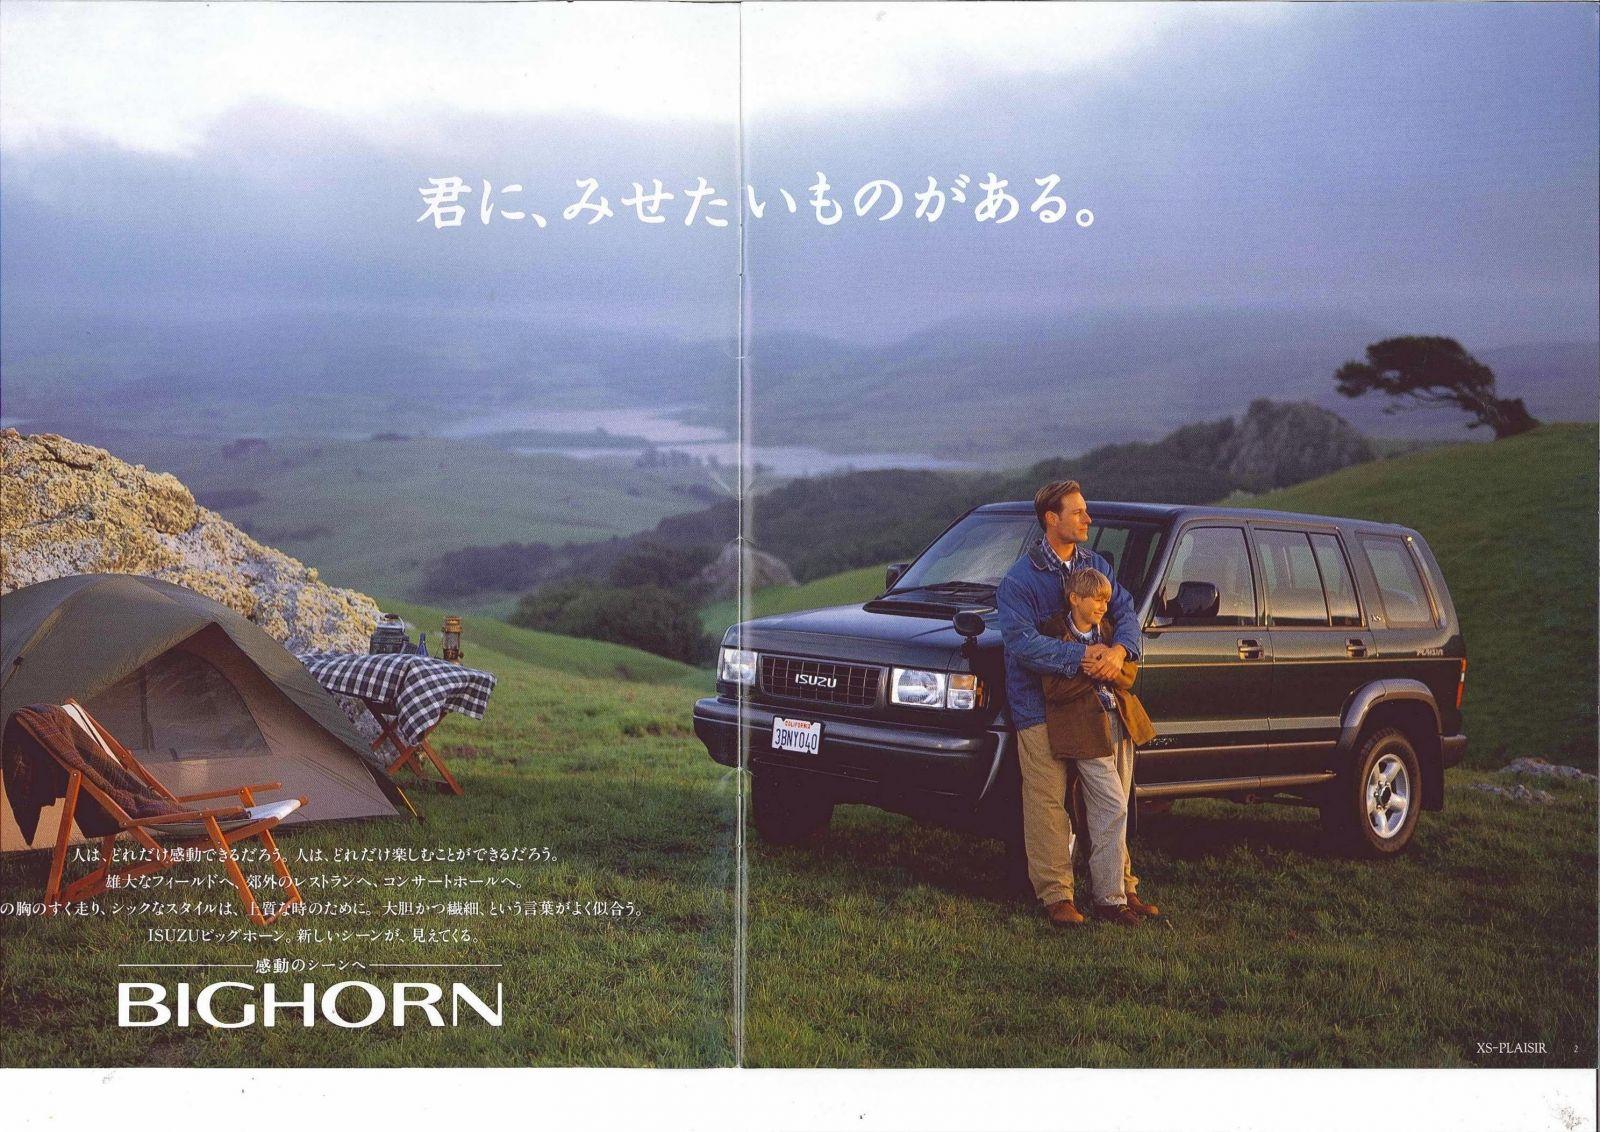 Isuzu Bighorn 1995 (JP) 002.jpg